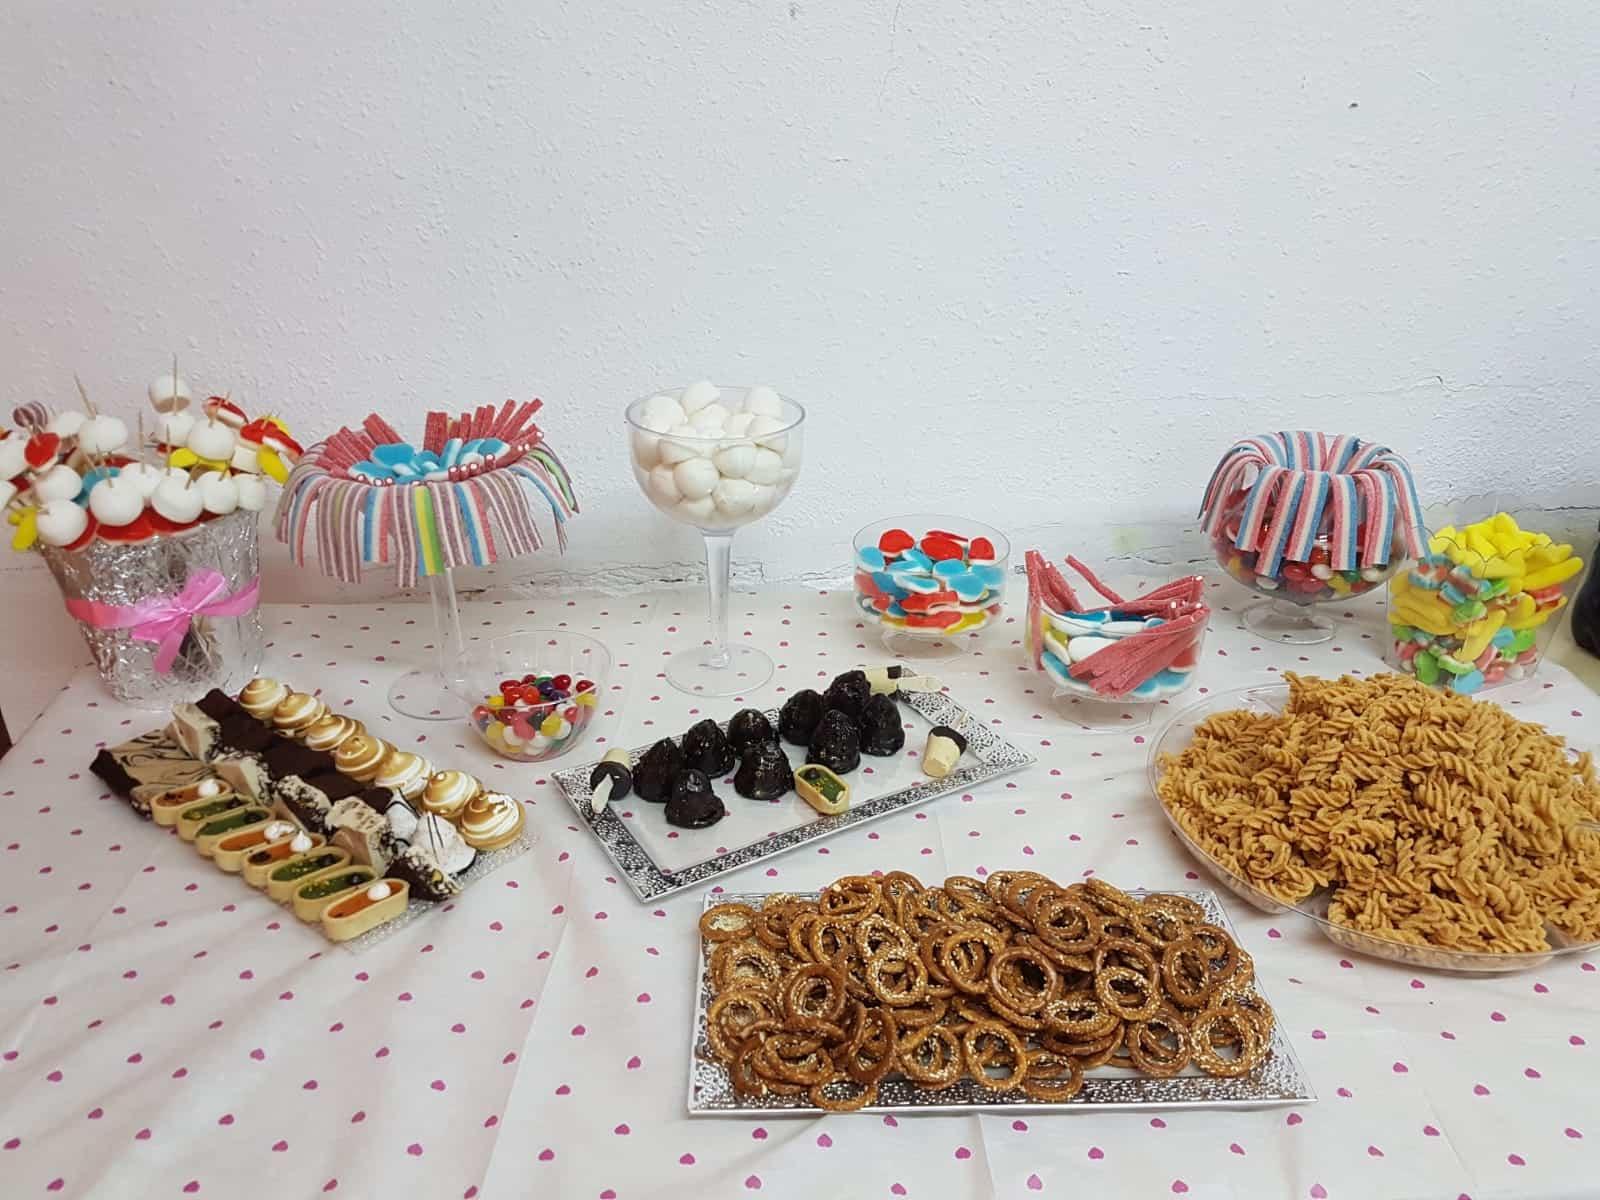 אין מסיבה בלי ממתקים, צילום: באדיבות מלי אלמלם